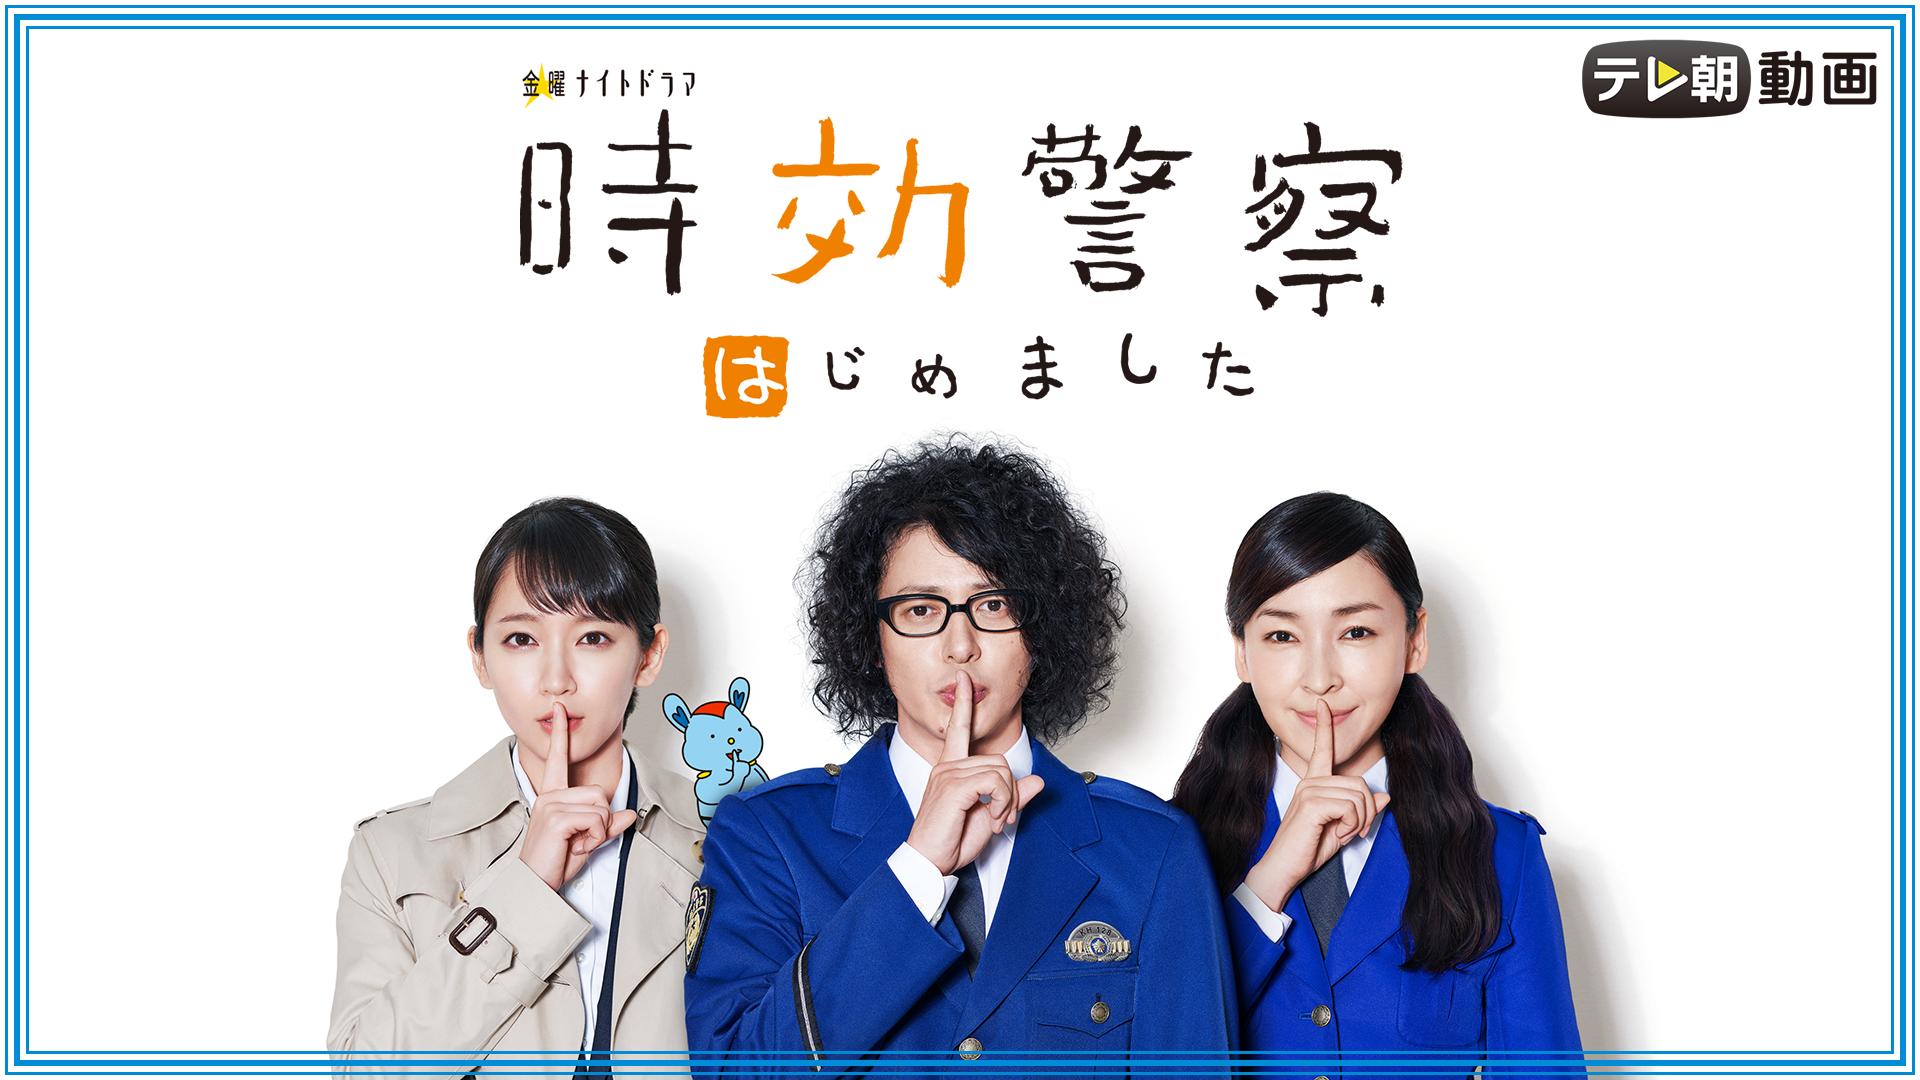 日曜プライム「時効警察・復活スペシャル」